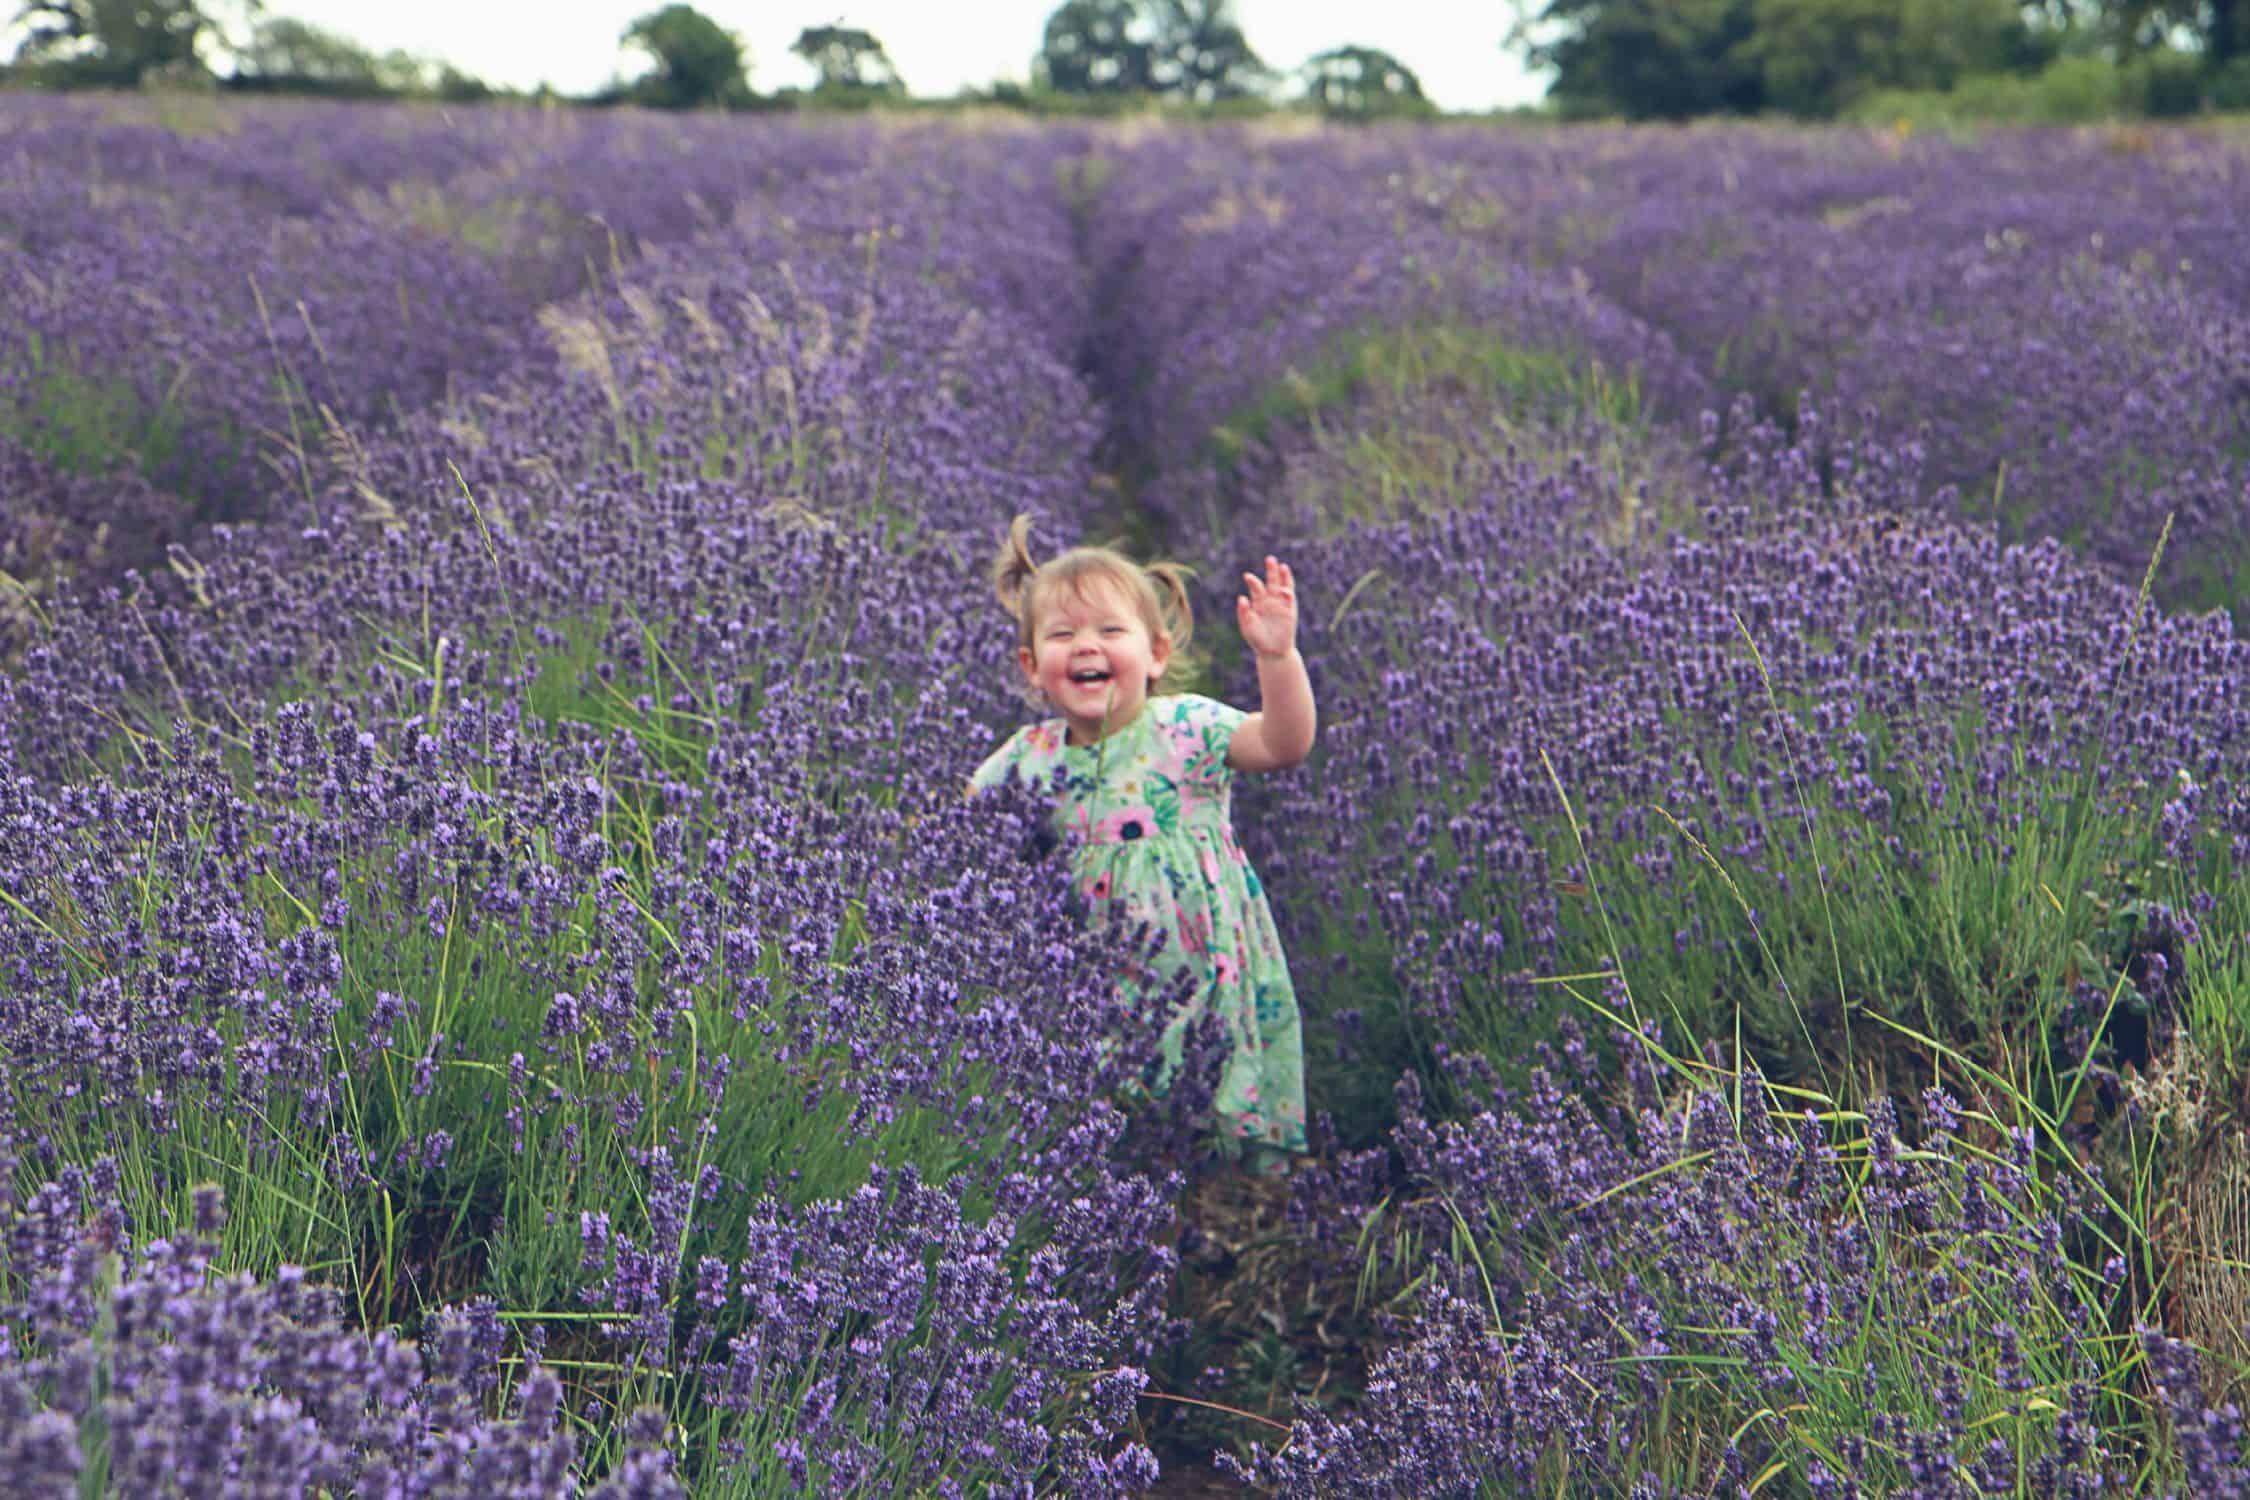 little girl running in lavender